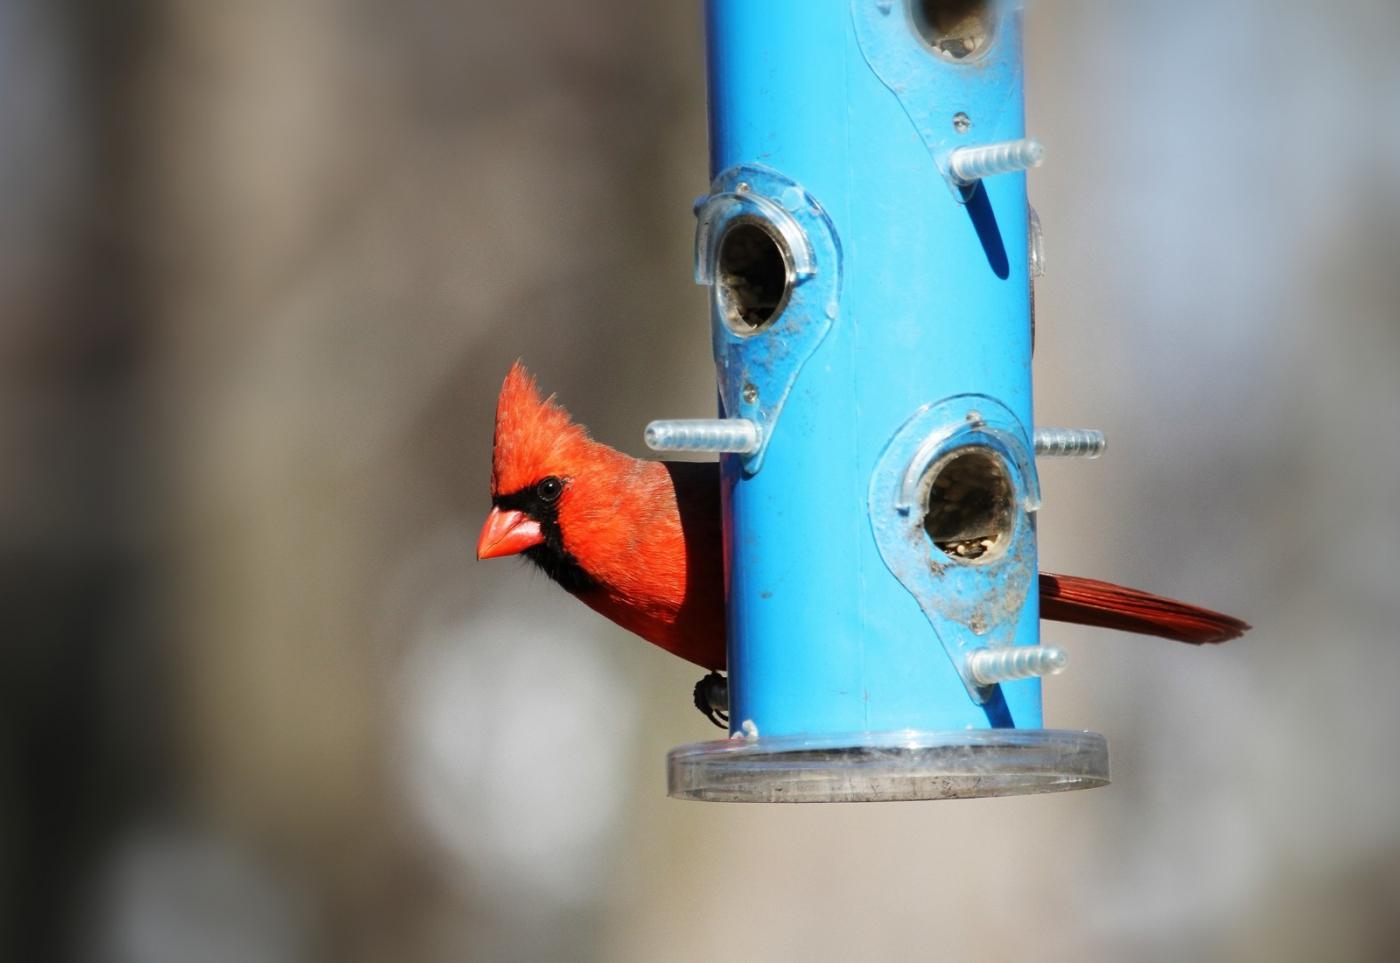 【田螺摄影】天暖了、把喂鸟器装满鸟就来了_图1-4